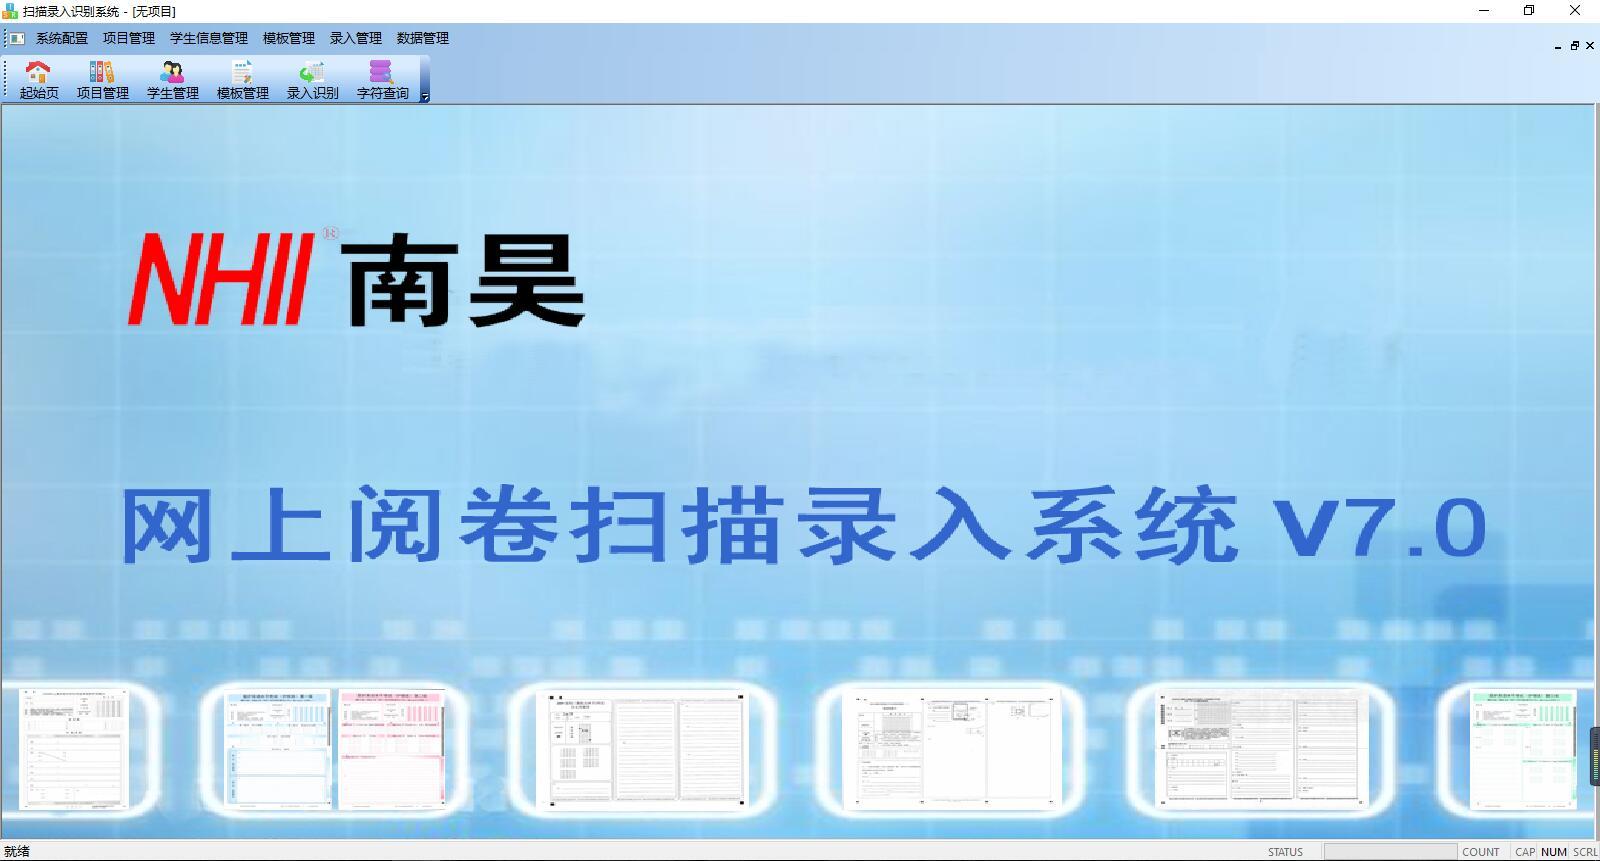 阜新新邱区网上阅卷系统 受欢迎网上阅卷厂家|新闻动态-河北文柏云考科技发展有限公司